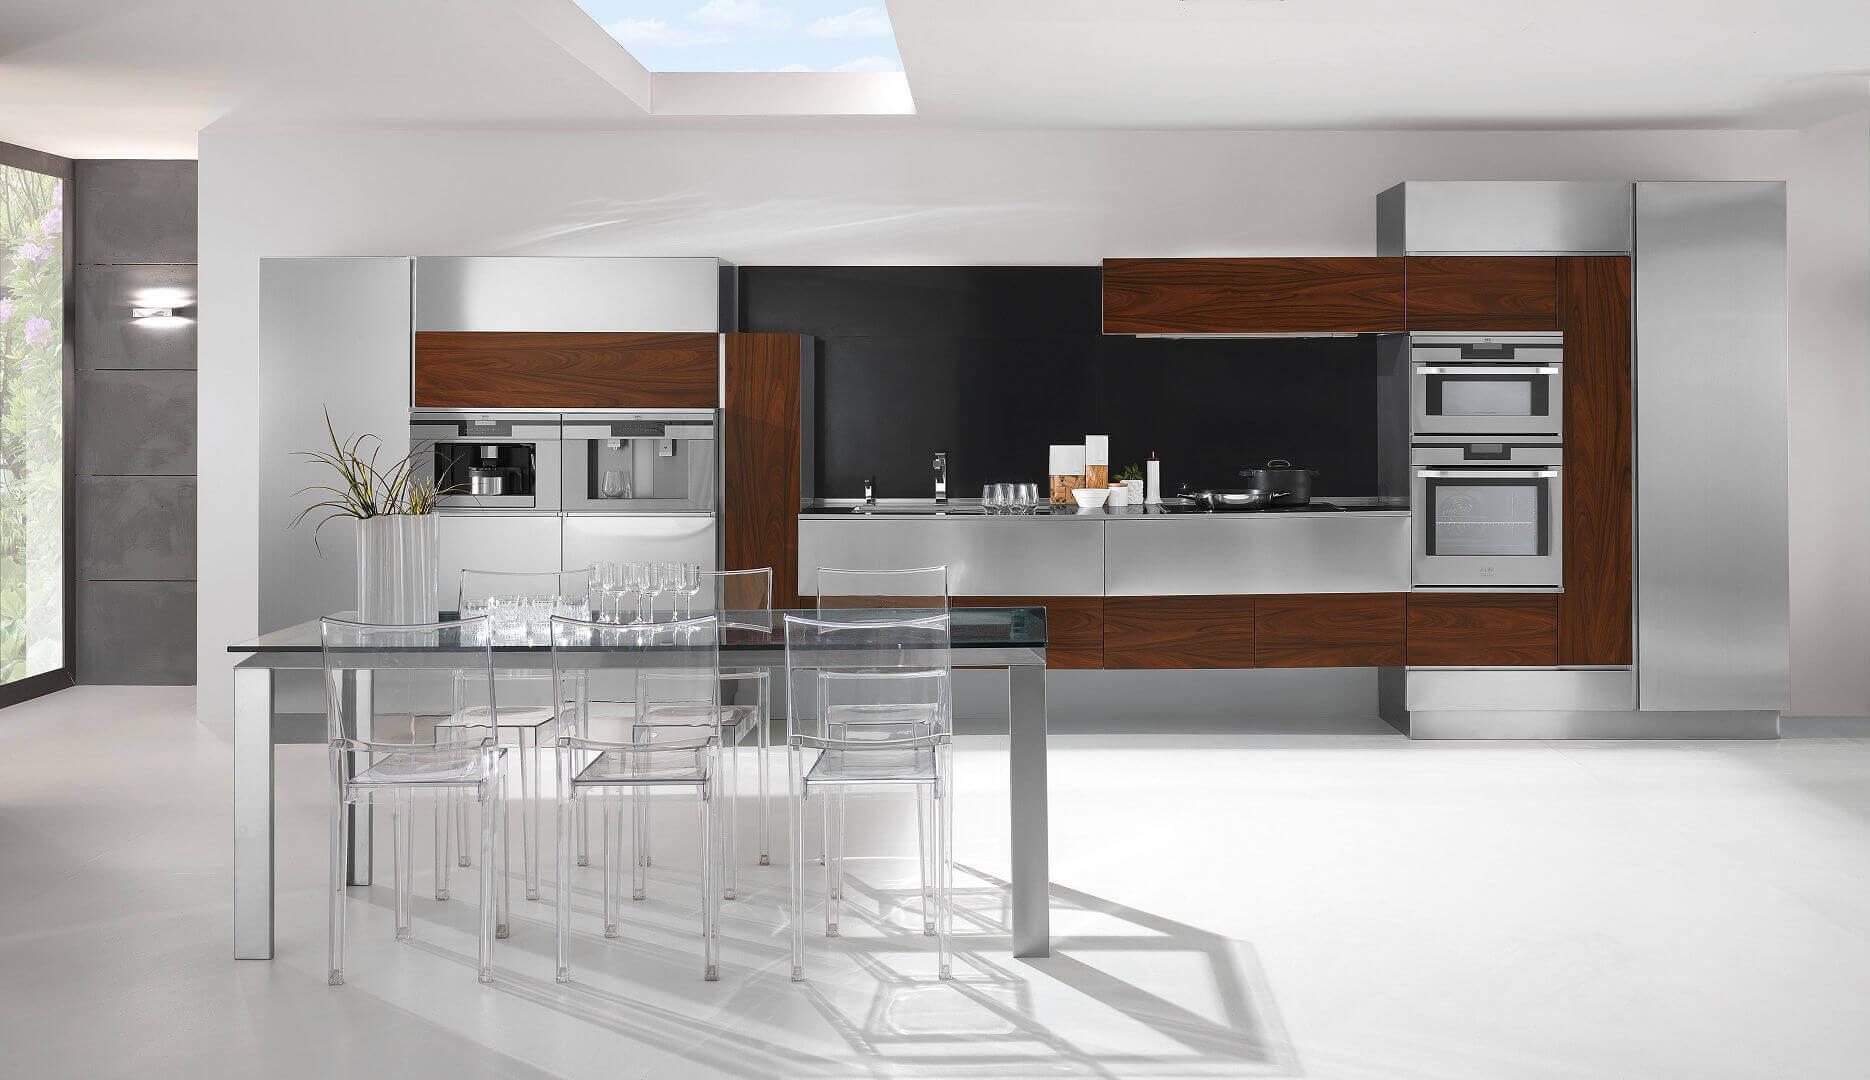 Cucine moderne bianche e nere: le cucine moderne colorate. cucina ...